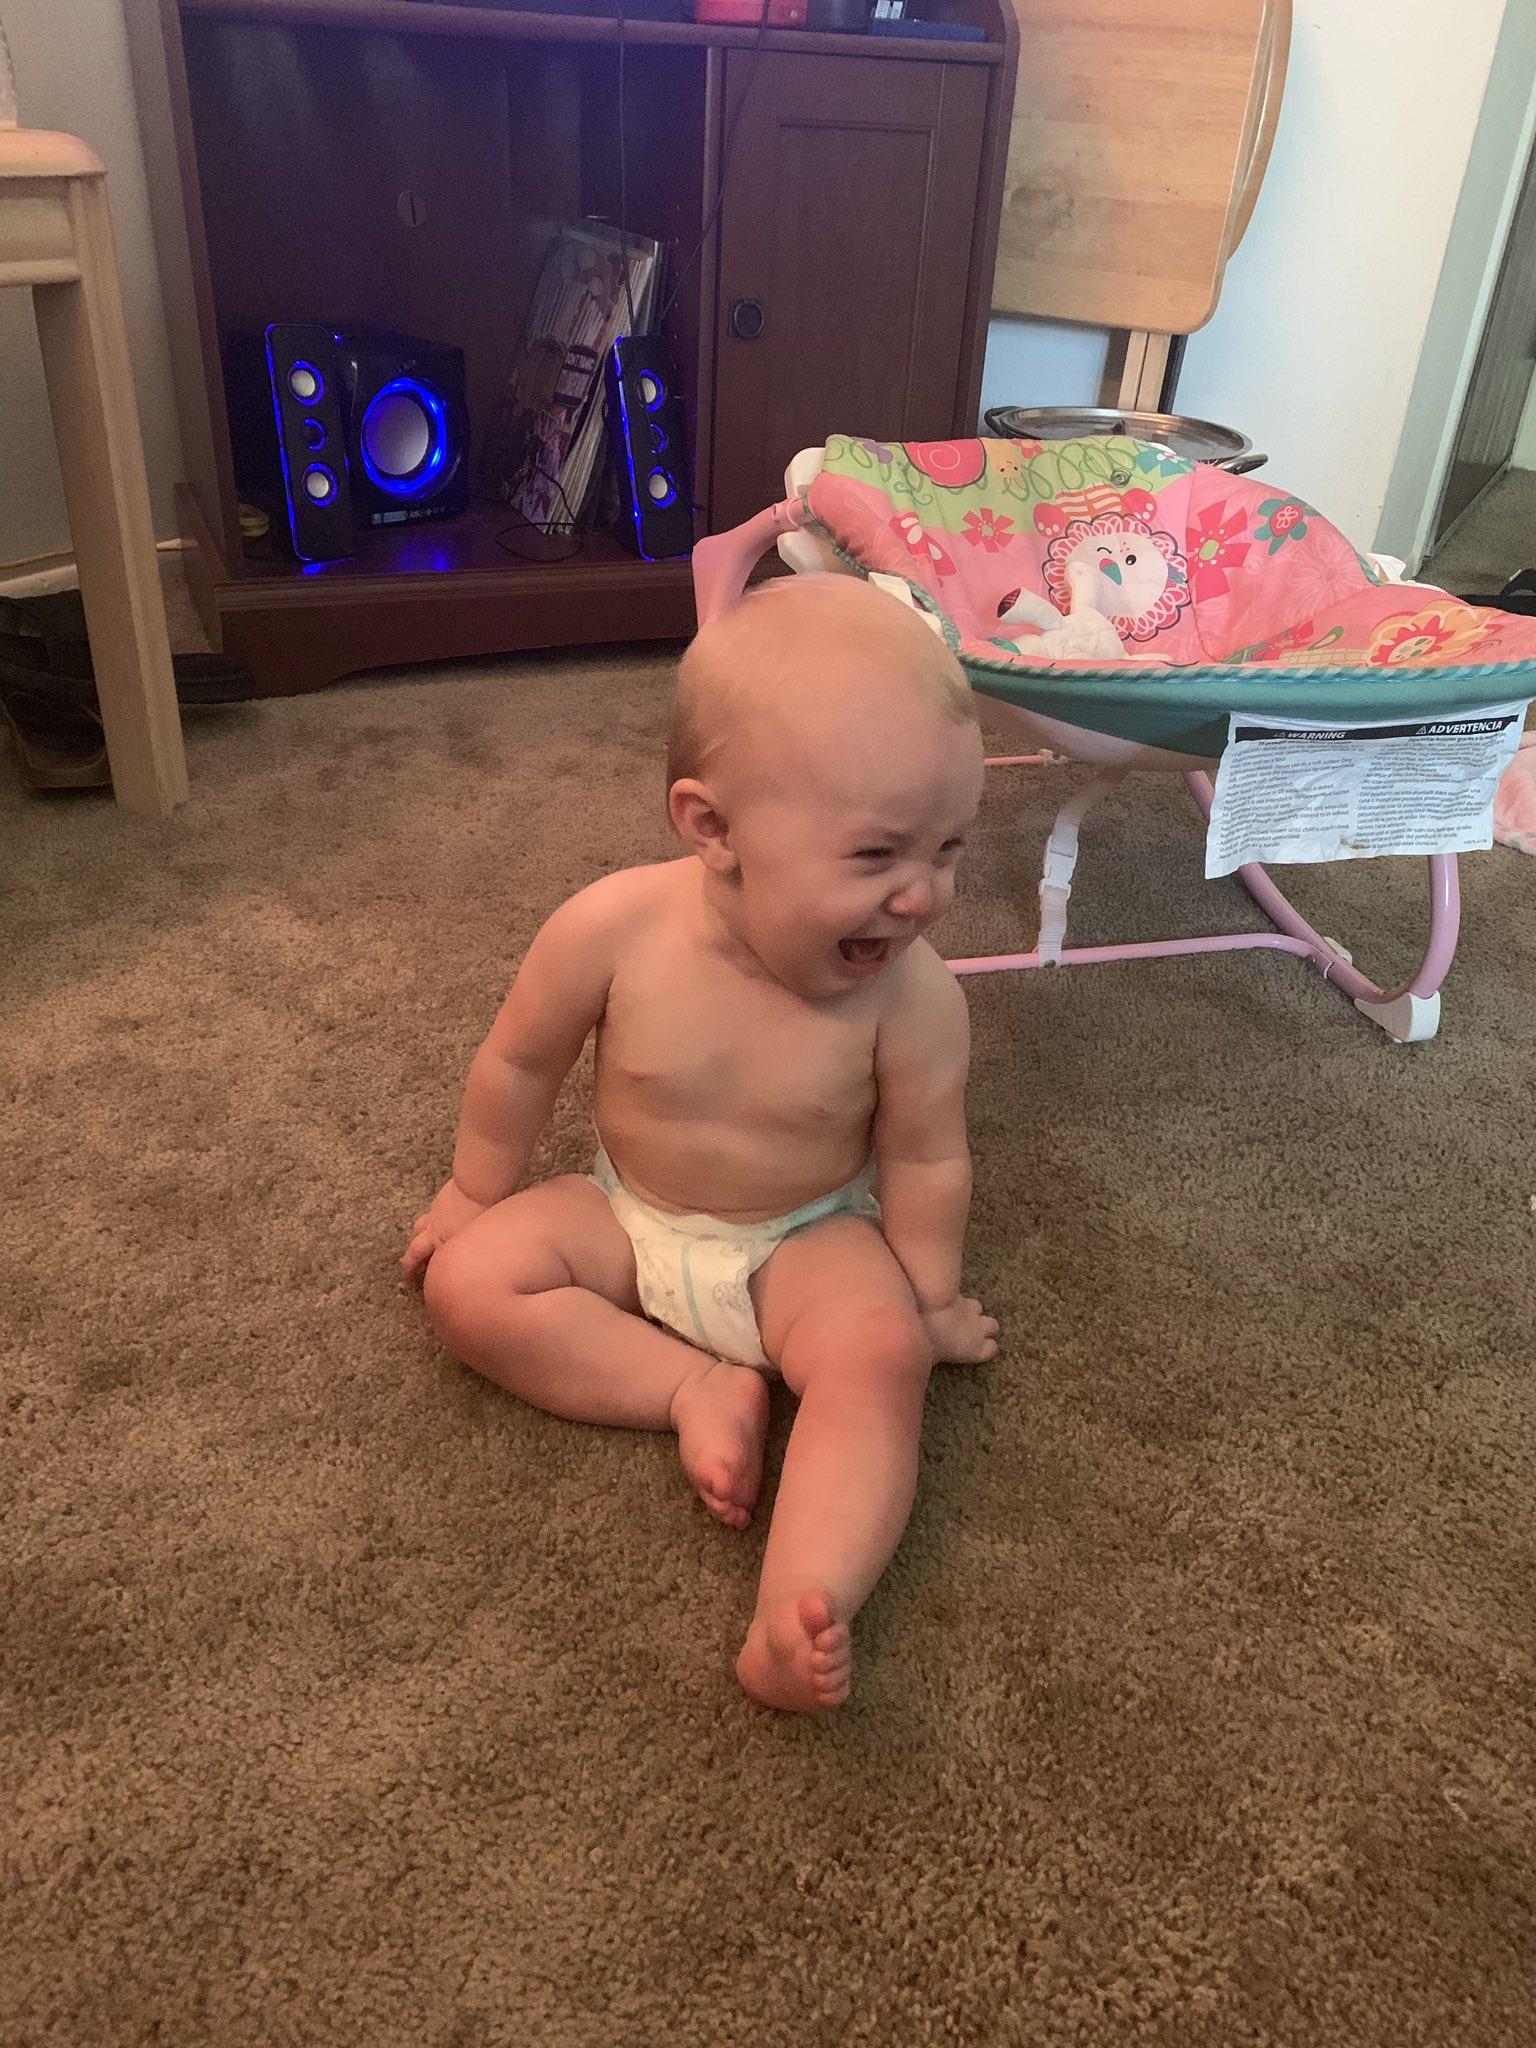 bebé llorando desconsolado